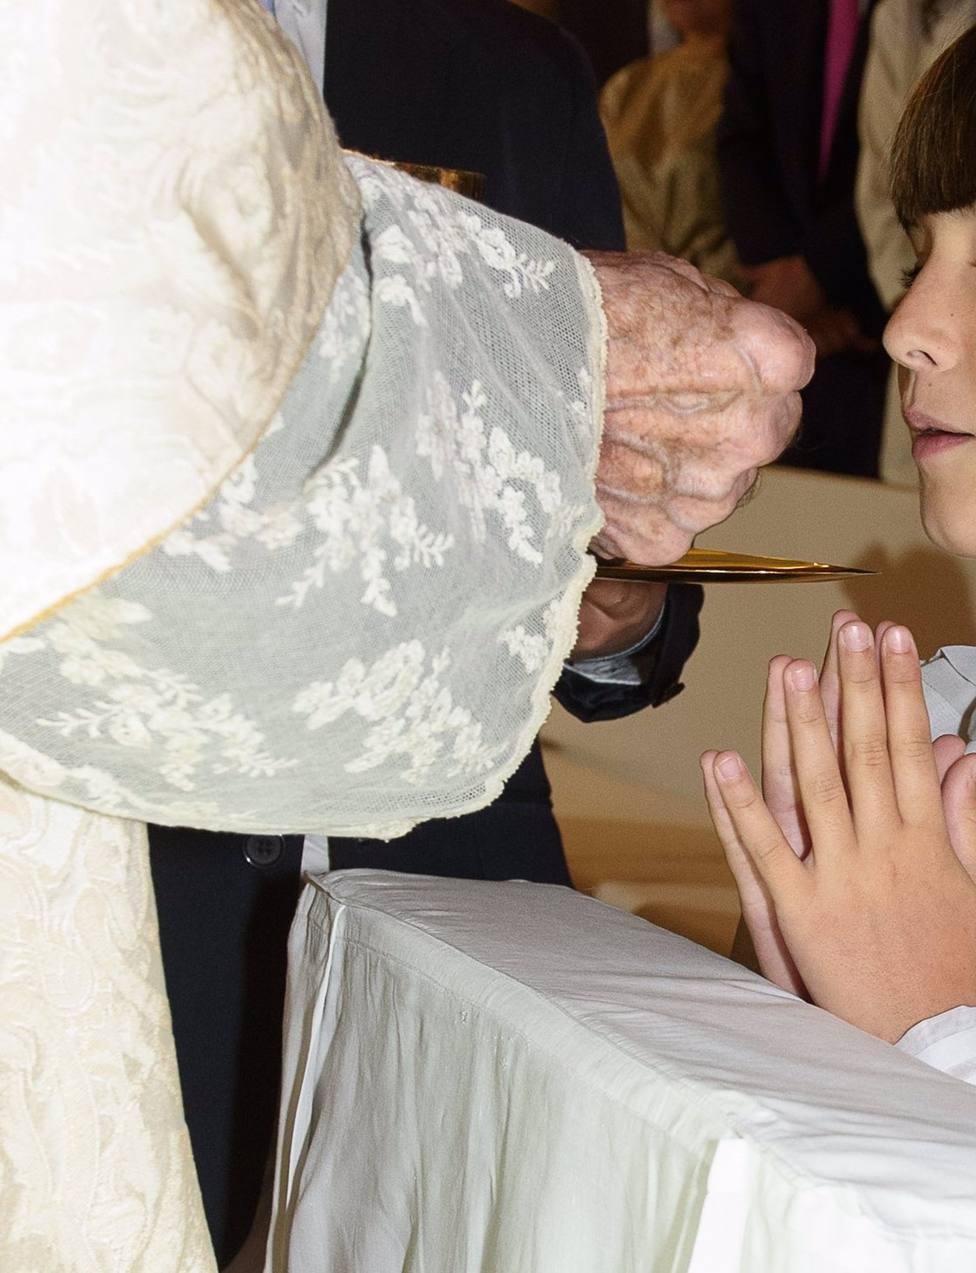 Huelva.- Coronavirus.- El Obispado señala que cada parroquia planificará las comuniones según sus circunstancias